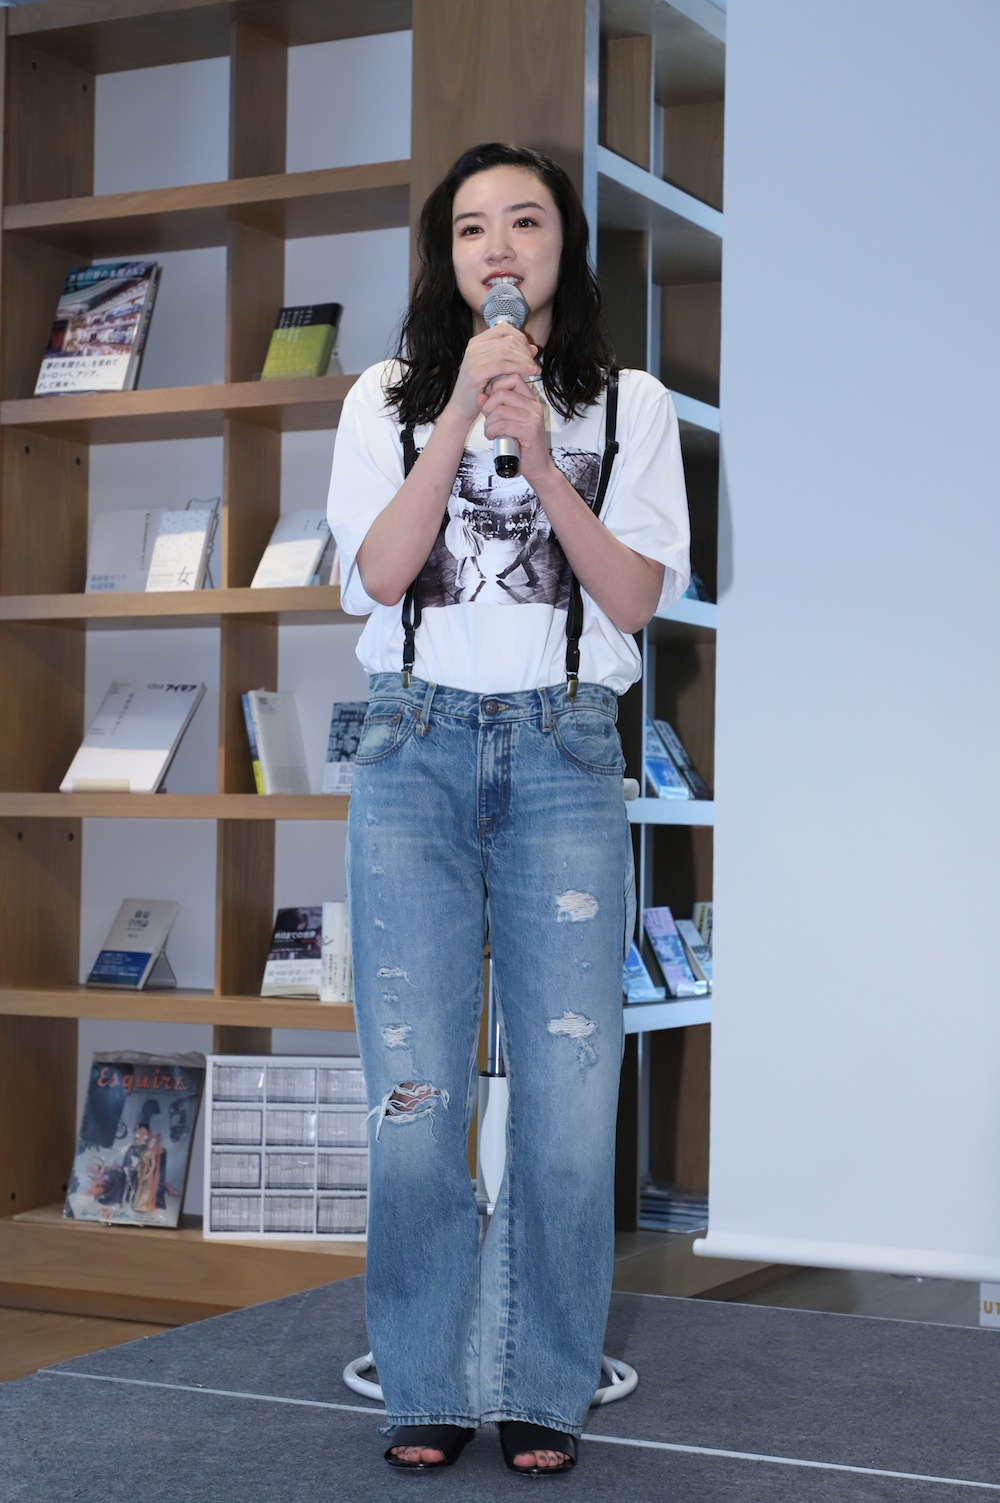 永野芽郁・トークショー 「半分、 青い。 」PHOTO BOOK発売記念イベント